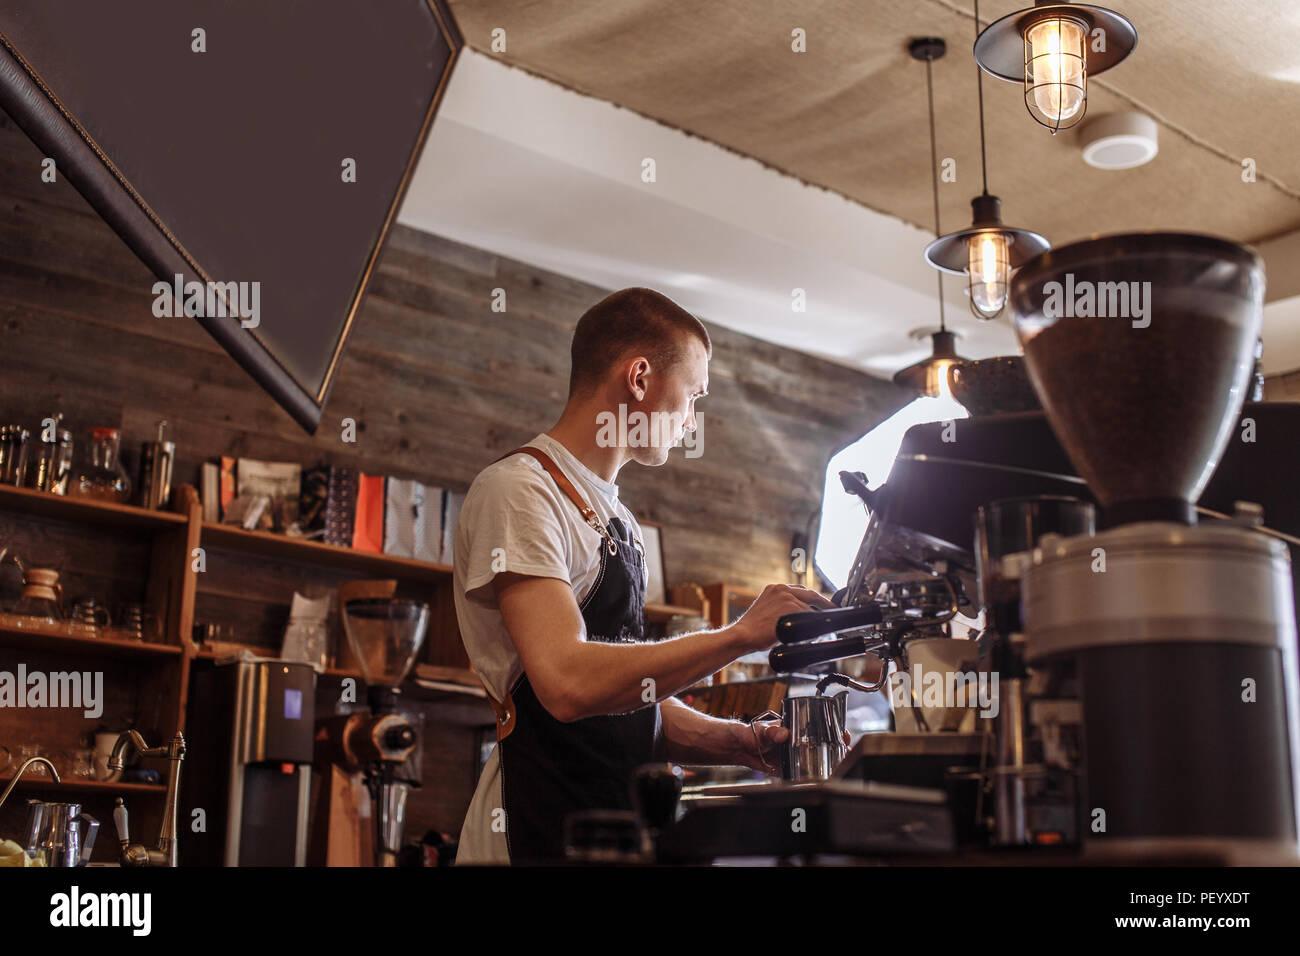 Un garçon agréable est de prendre des commandes au café Photo Stock